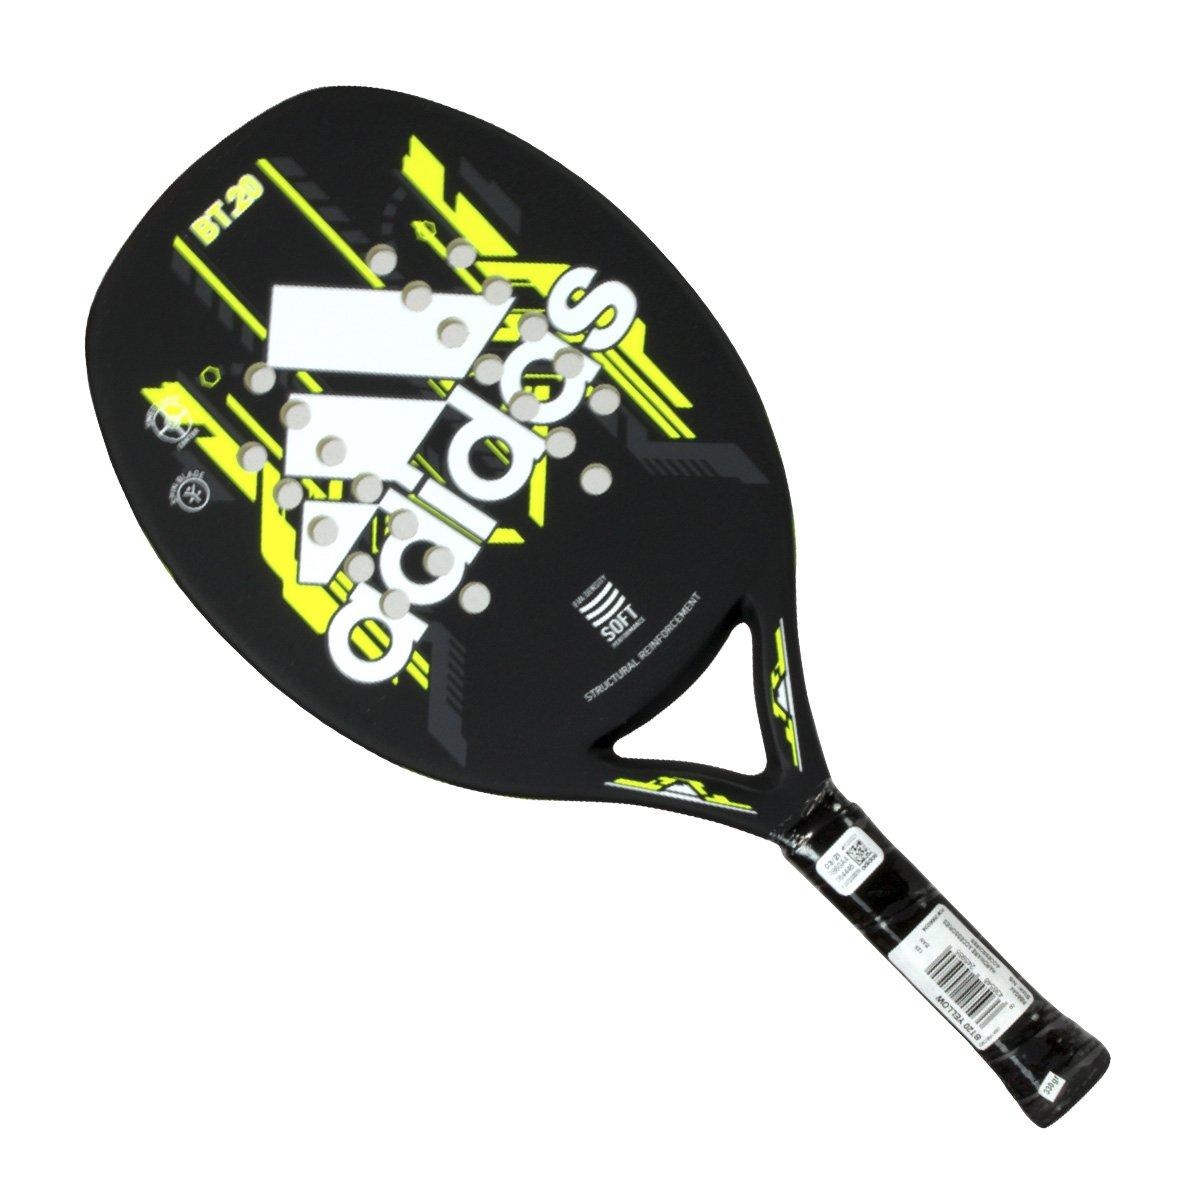 Raquete de Beach Tennis Adidas BT 2.0 Amarelo